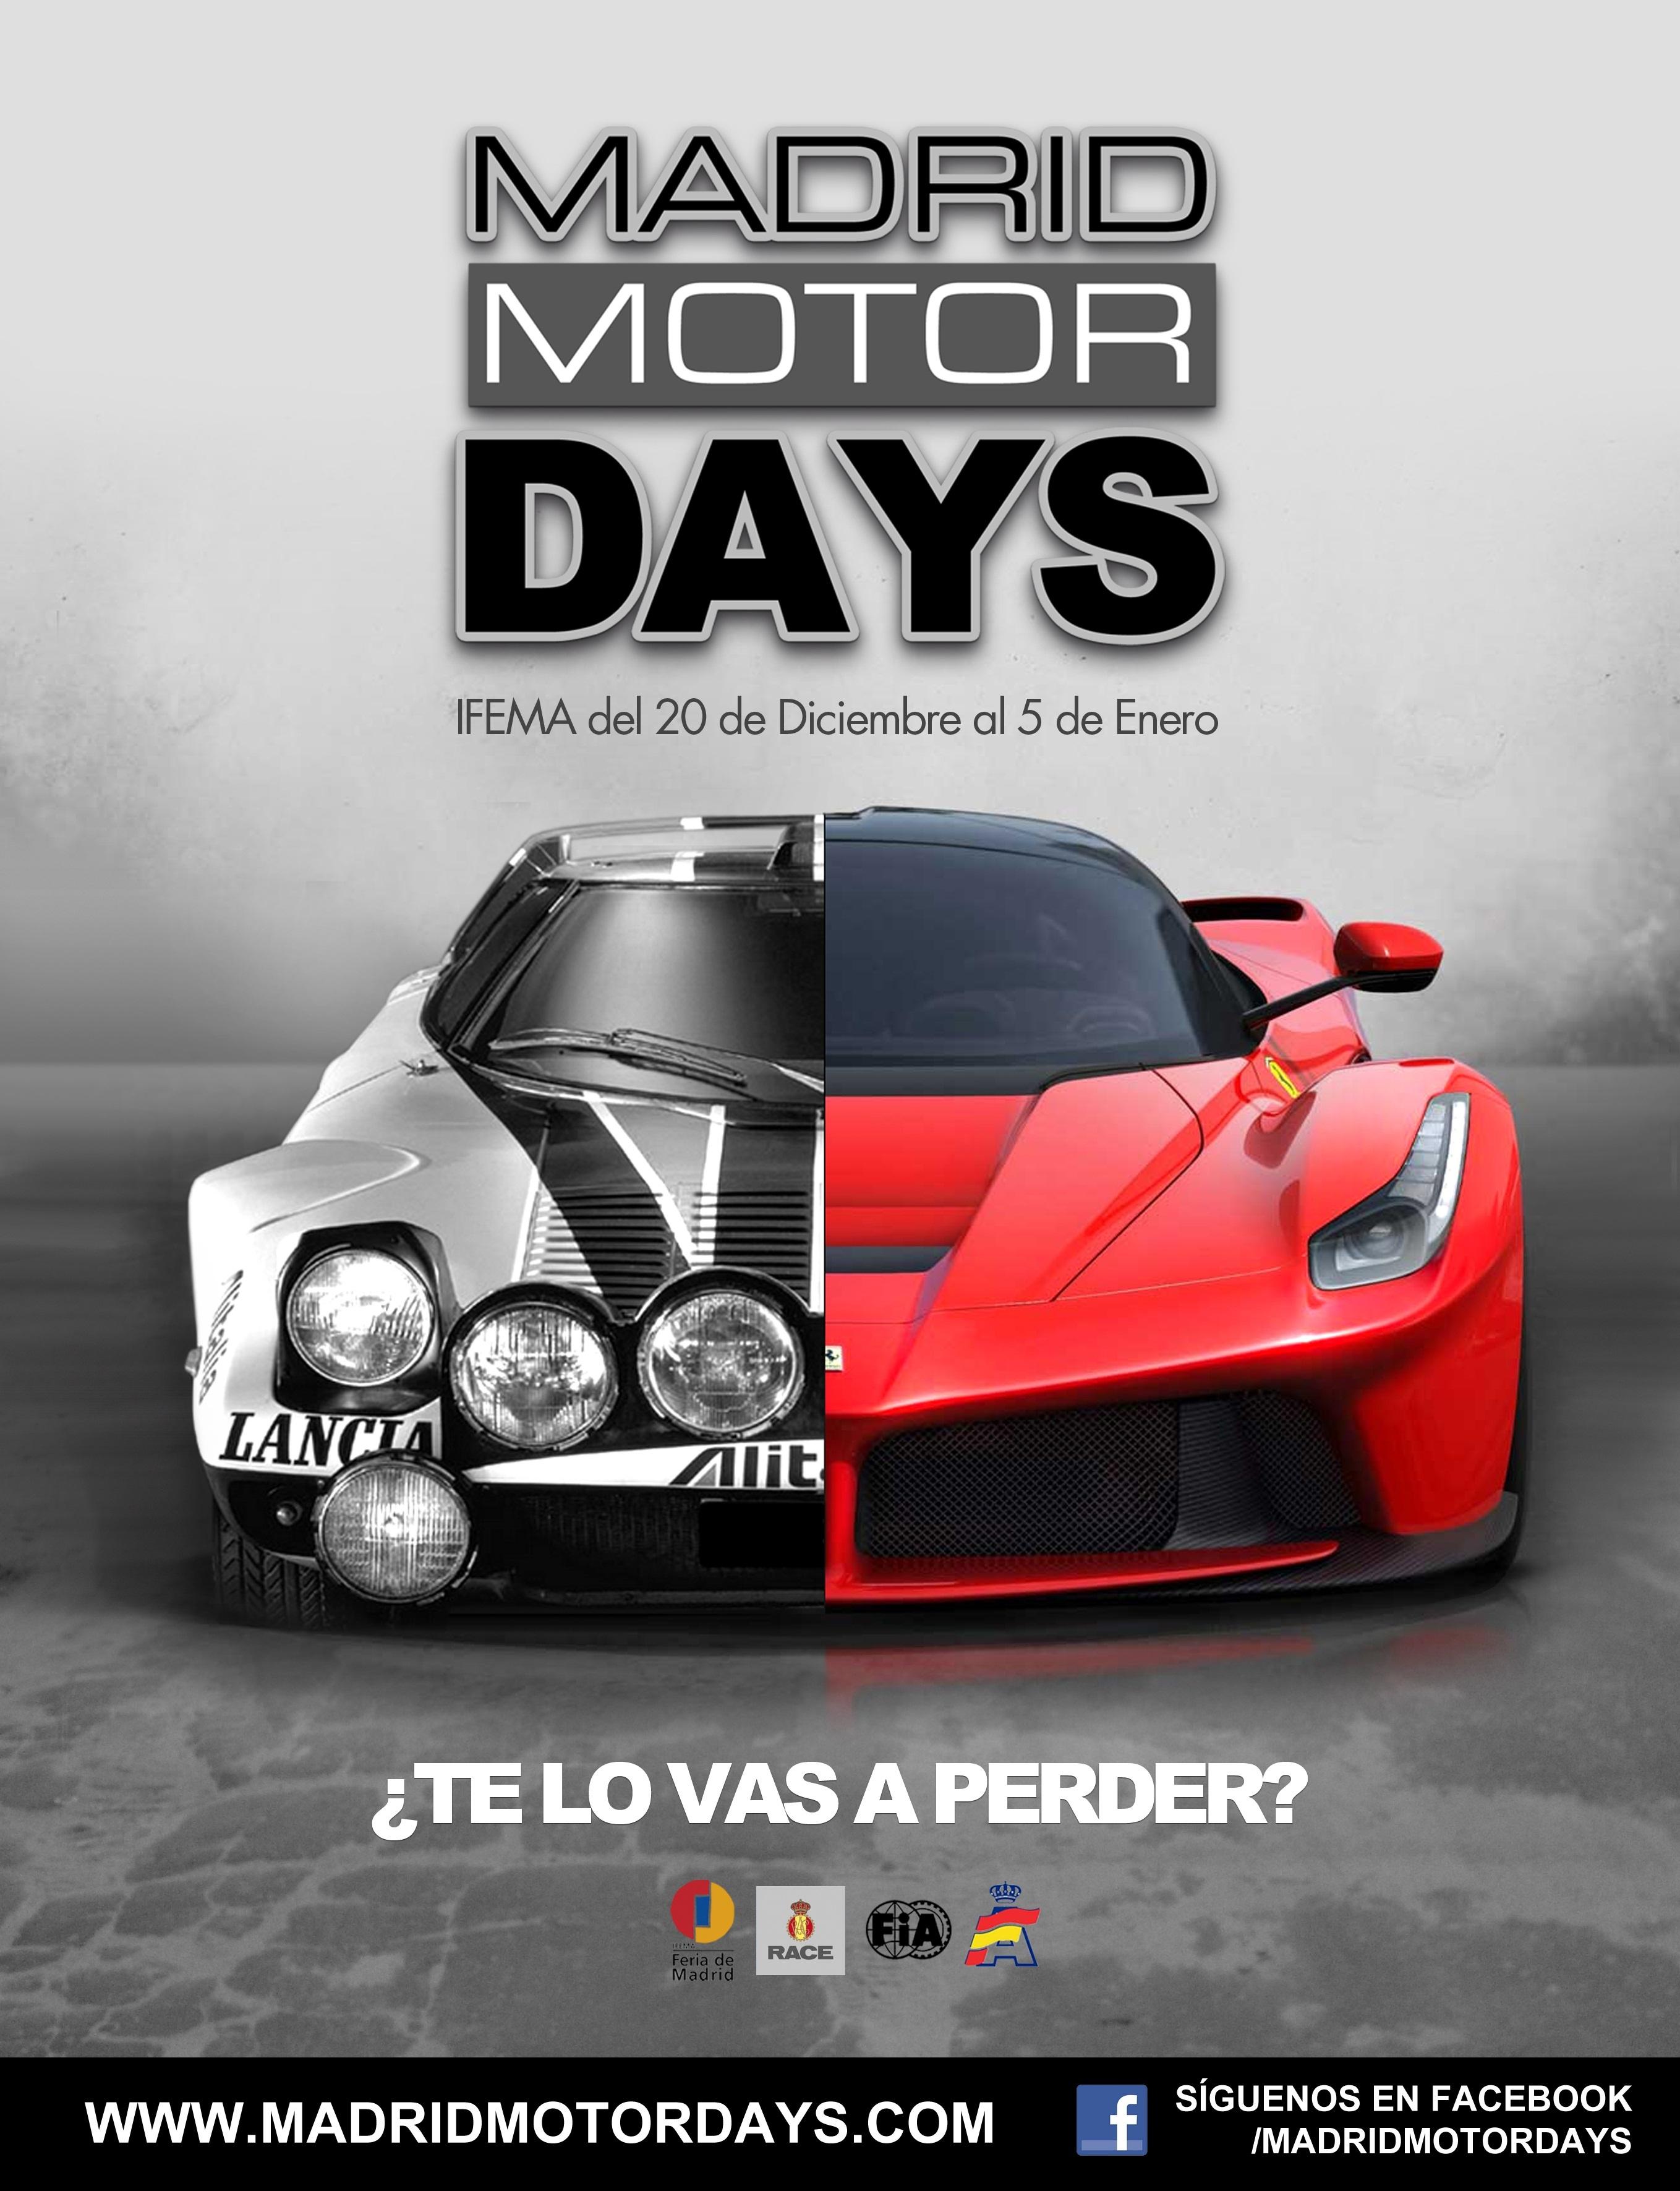 El evento Madrid Motor Days recibe más de 20.000 visitantes en los primeros cinco días